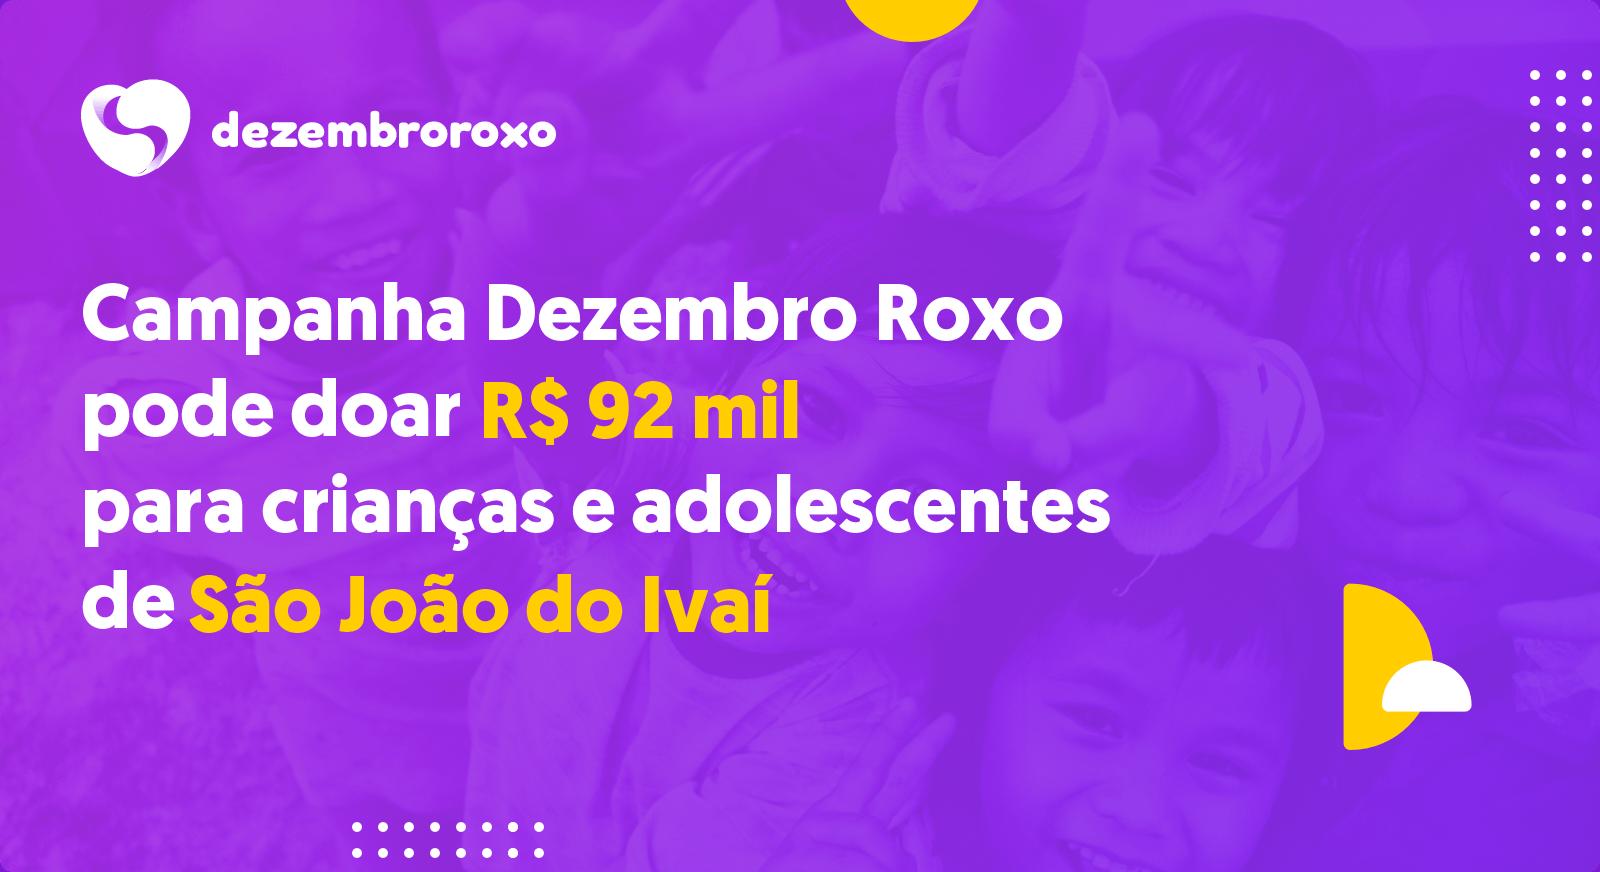 Doações em São João do Ivaí - PR